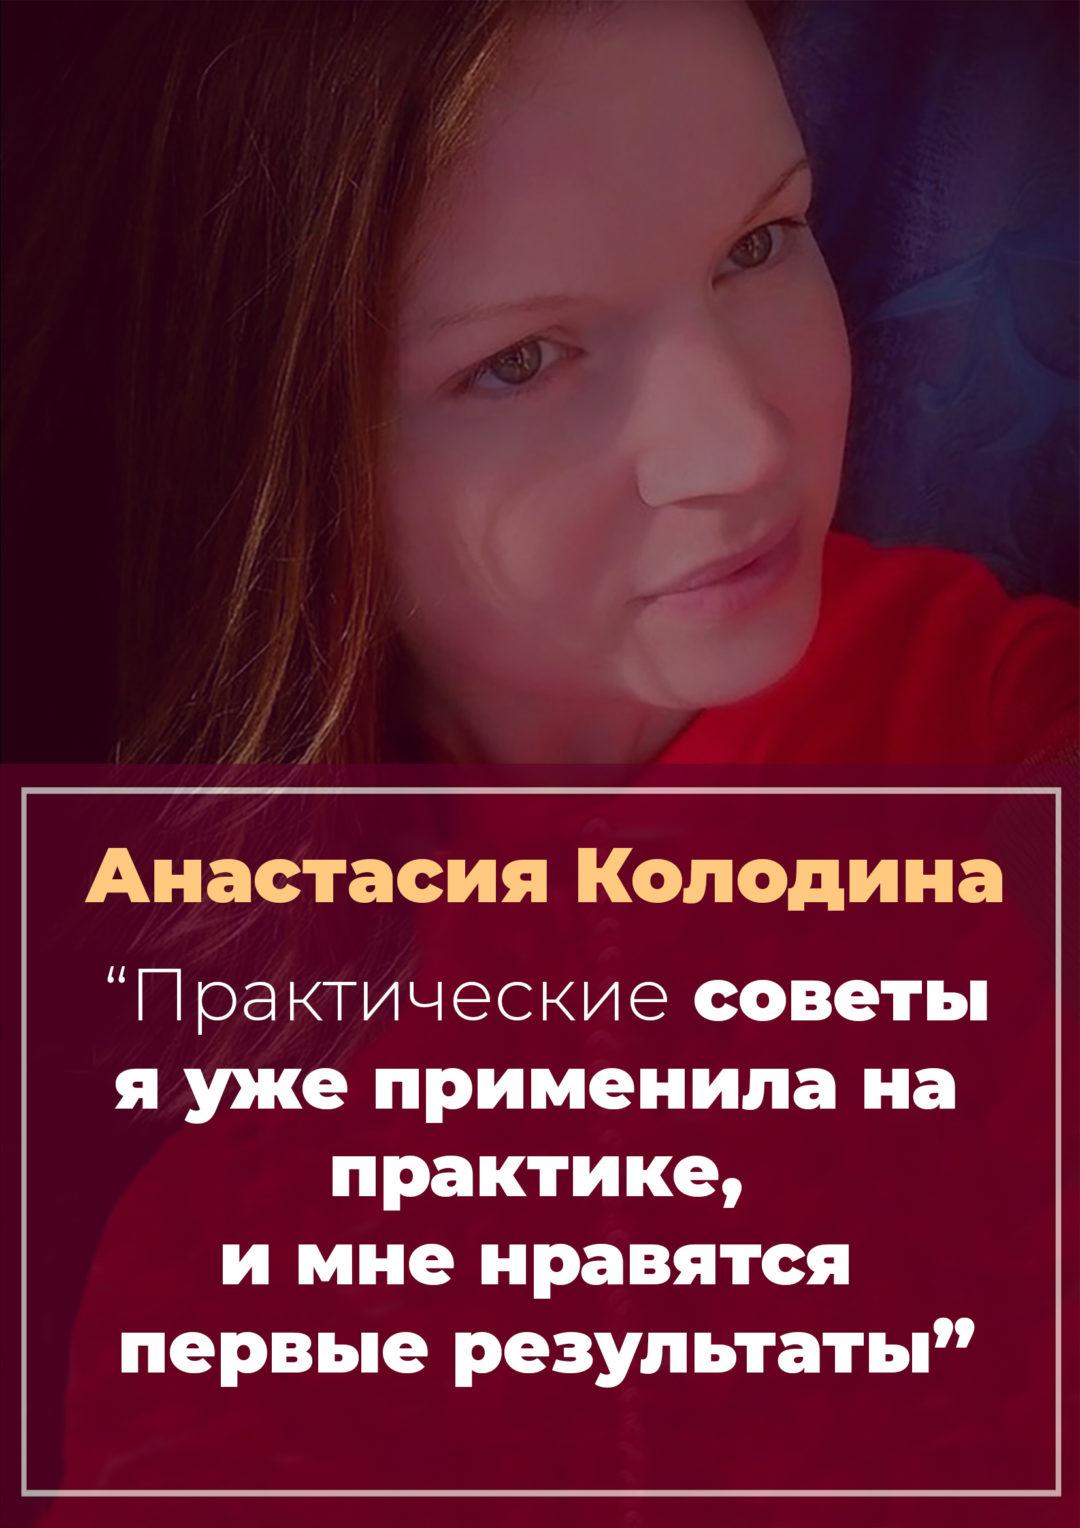 История Анастасии Колодиной